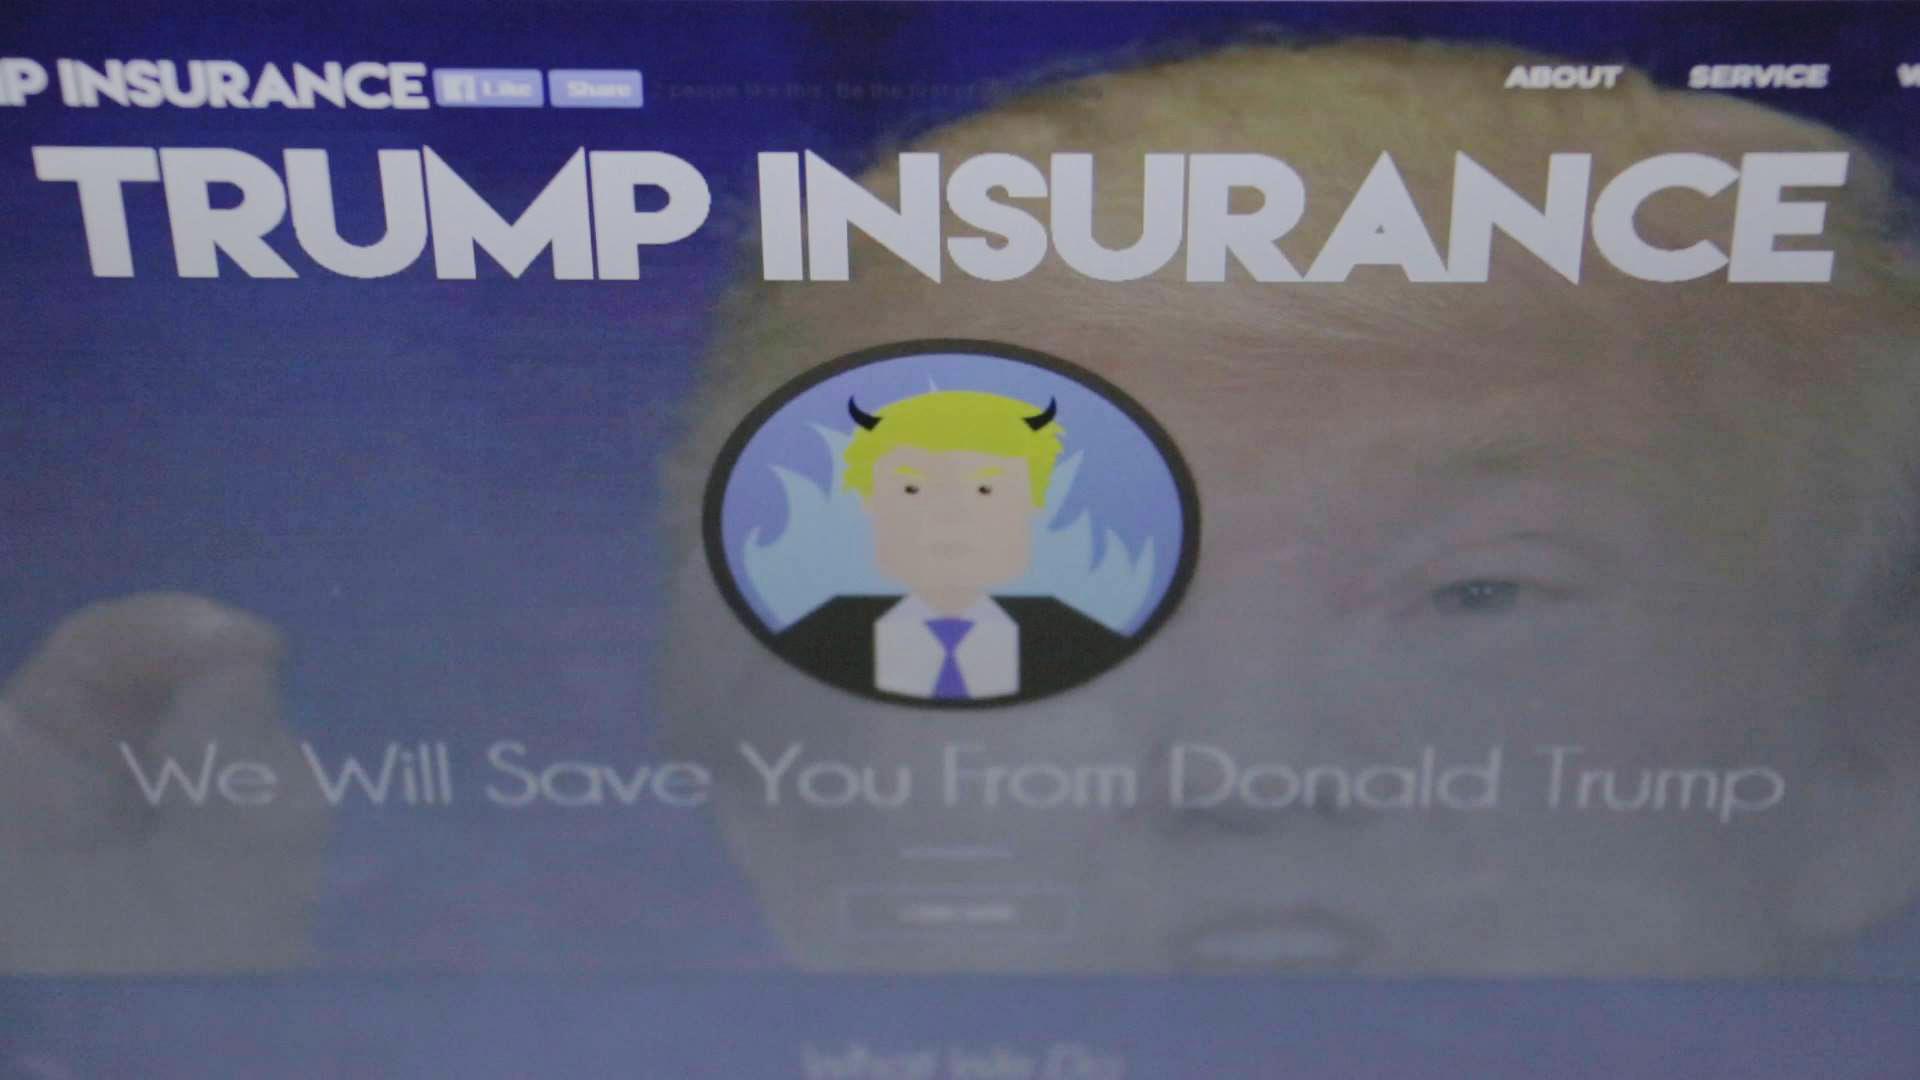 trumpinsurance